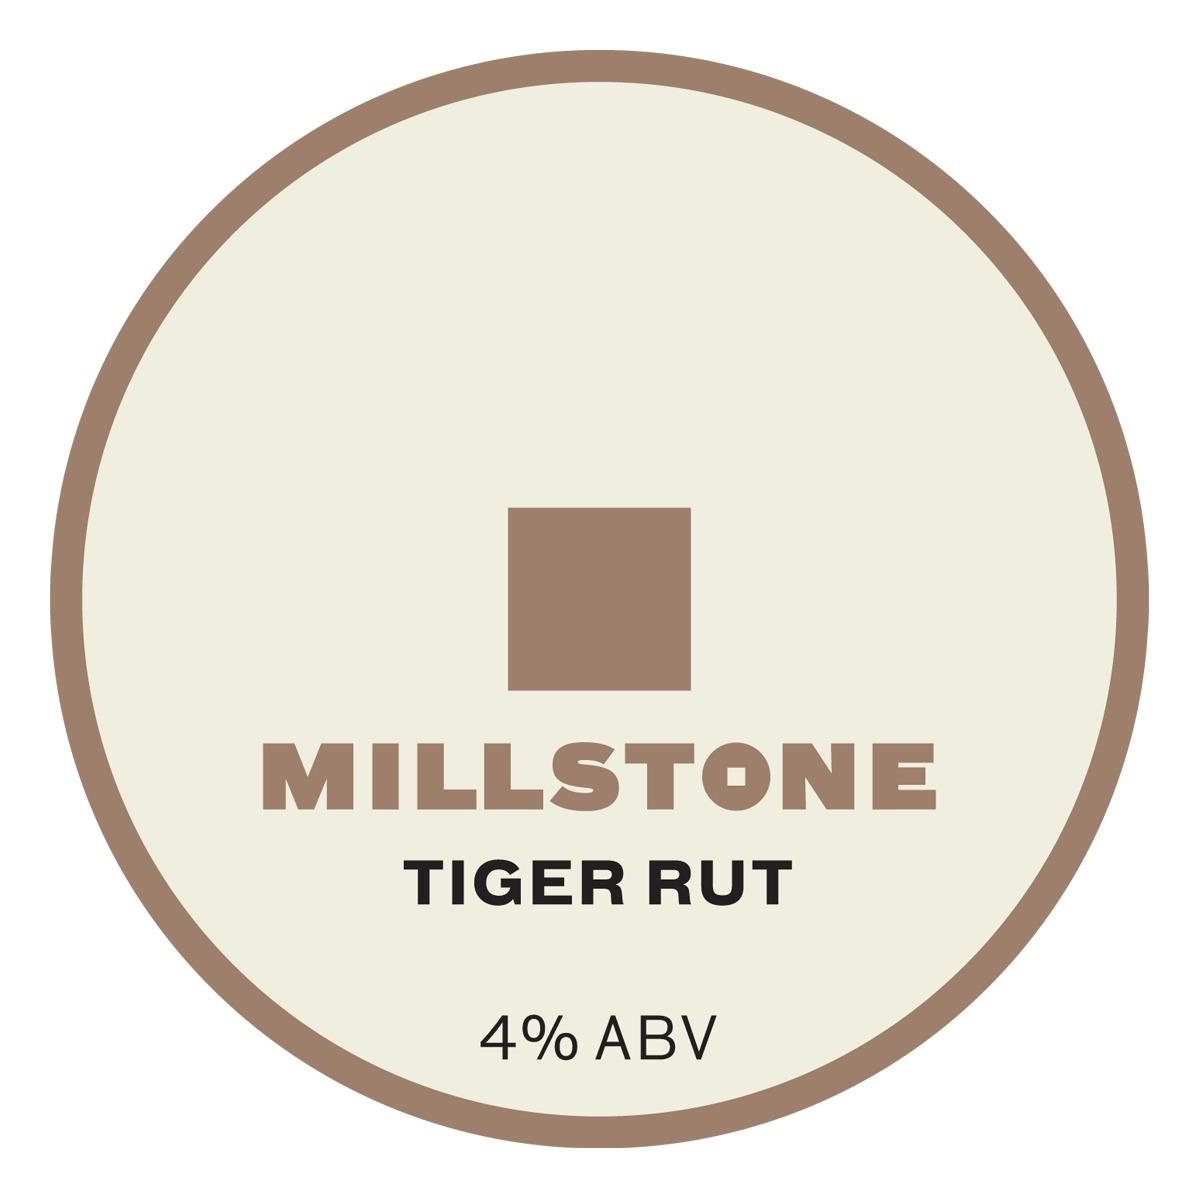 Millstone Tiger Rut 9 Gallons Straw 4.0%